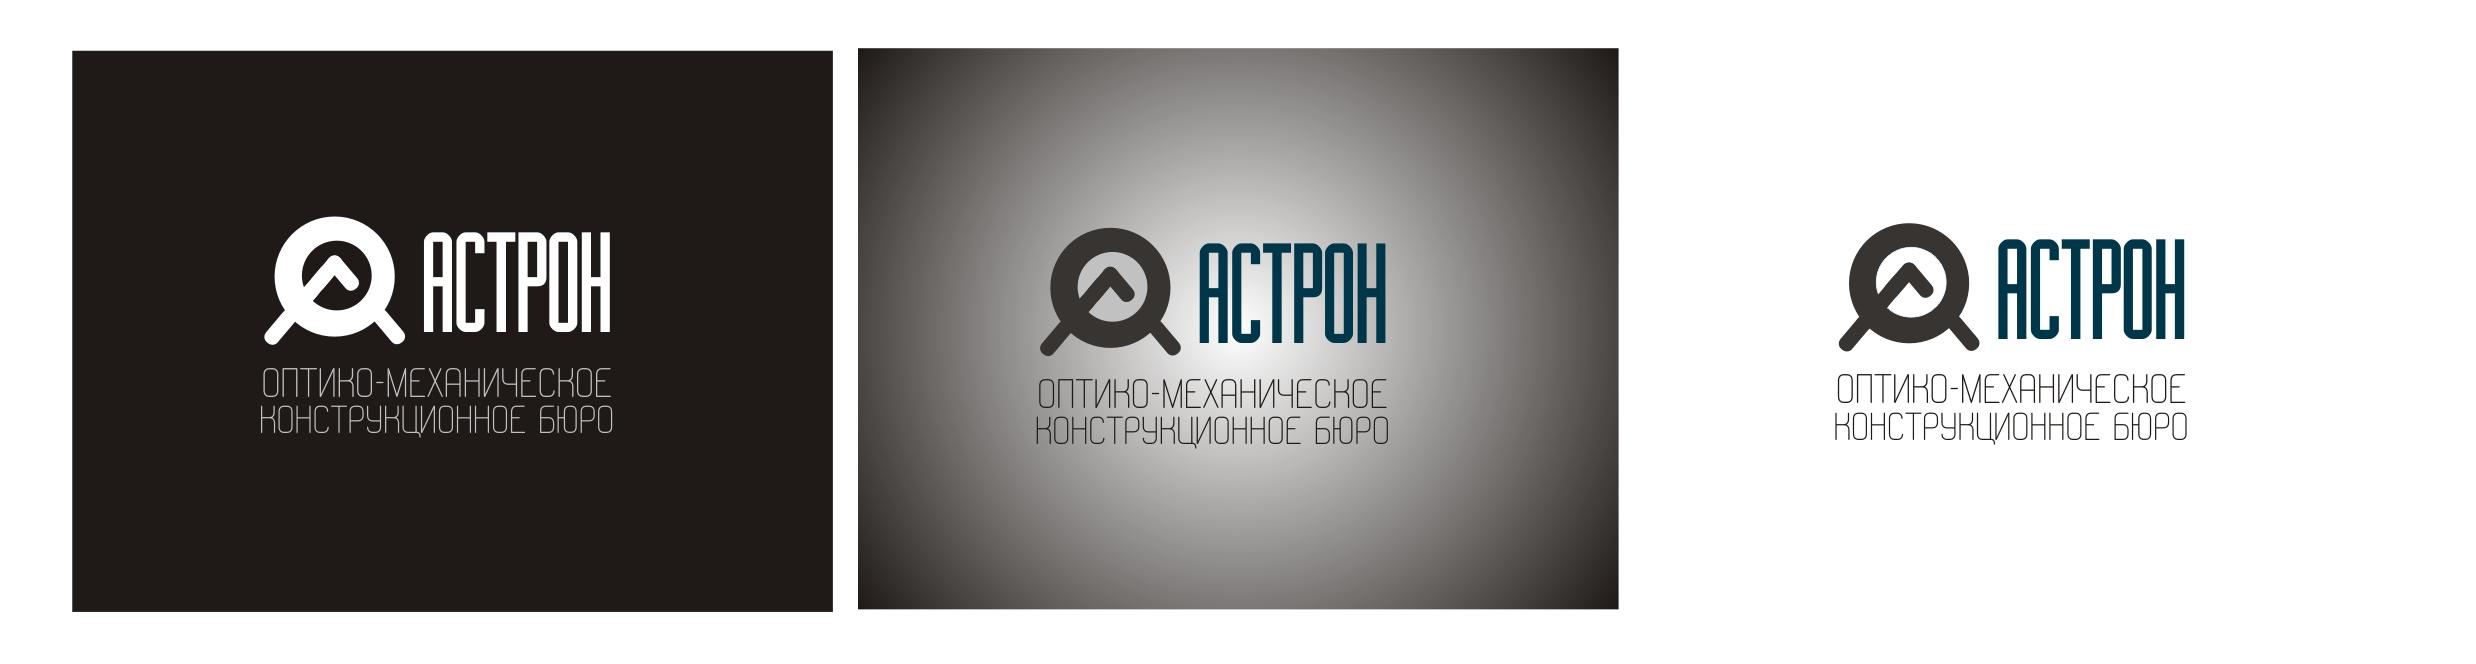 """Логотип для оптико-механического конструкционного бюро """"АСТРОН"""""""